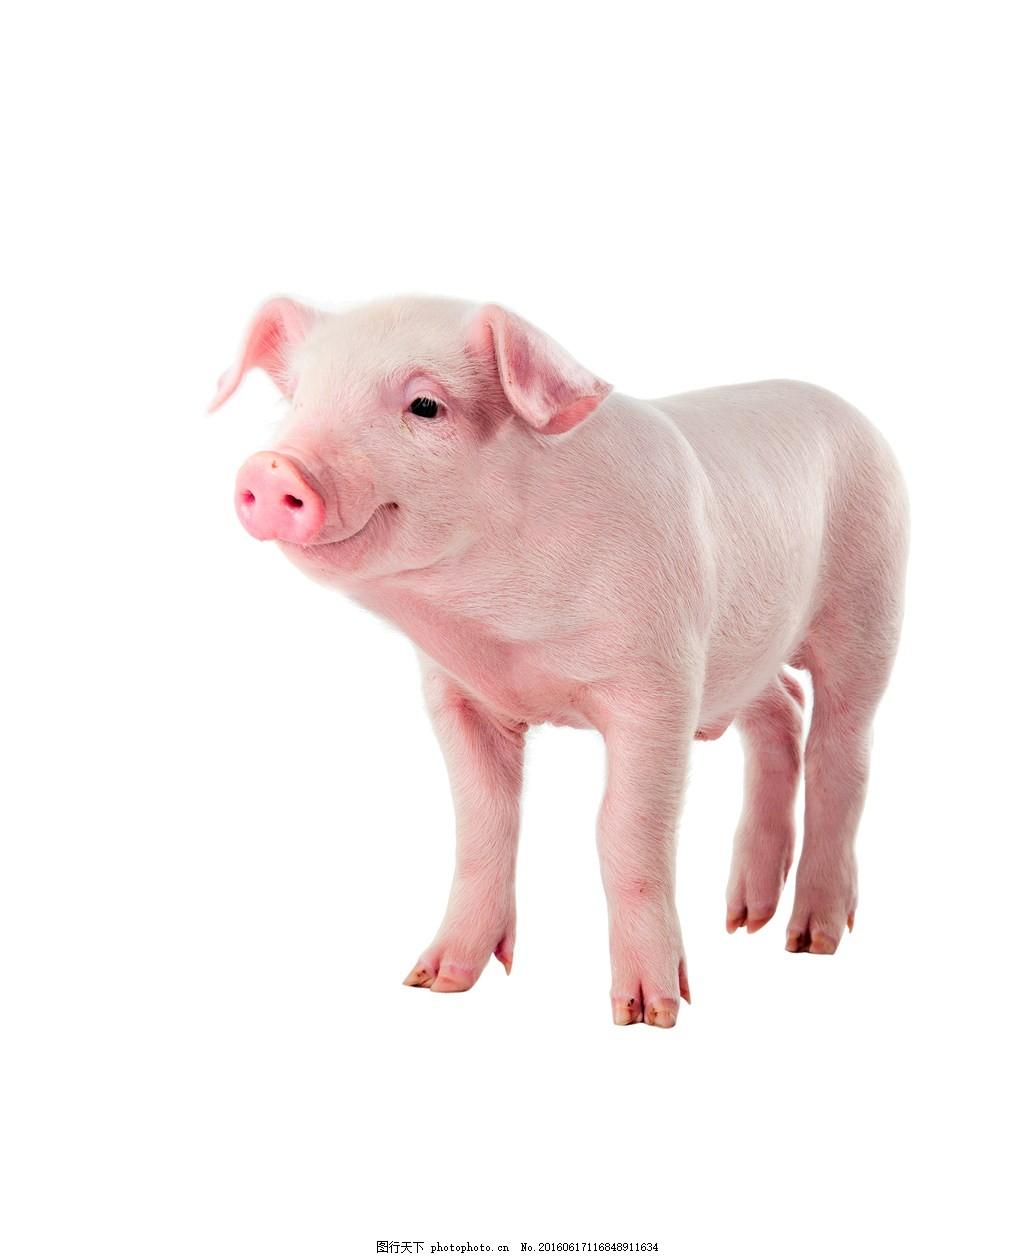 可爱小猪图片,可爱小猪高清图片下载 萌宠 萌小猪 小